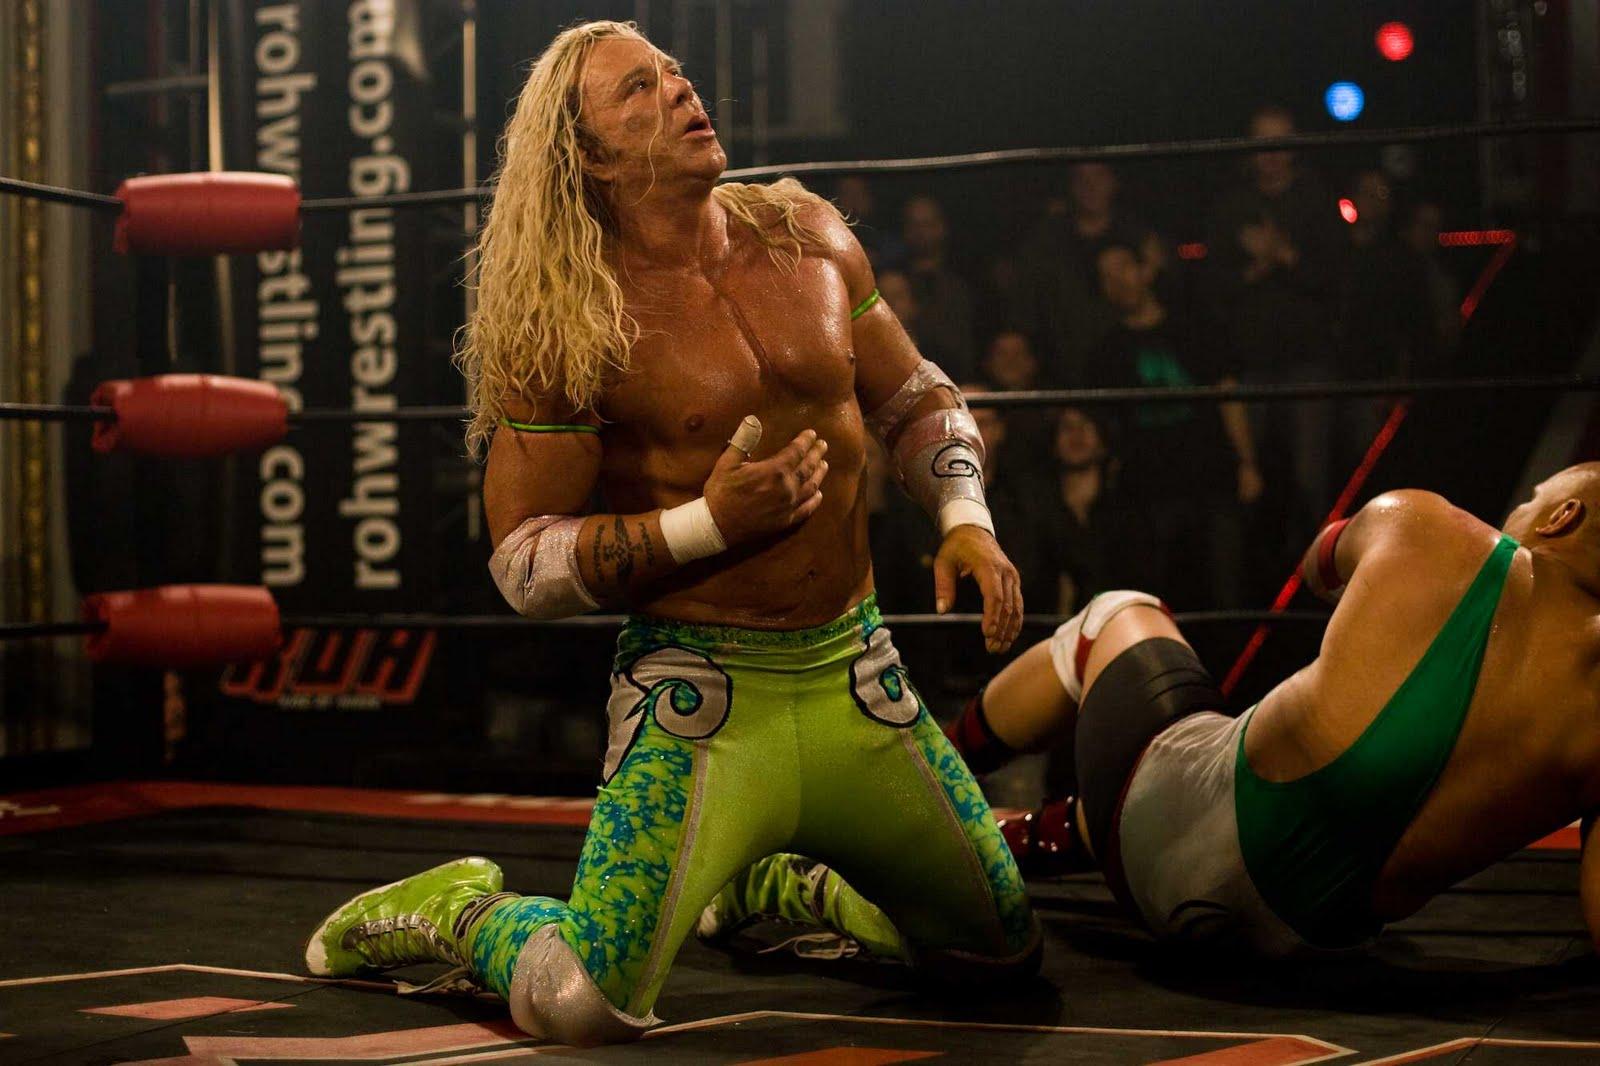 http://1.bp.blogspot.com/_eVvkJfPJp1I/TDY-p81Ra-I/AAAAAAAAAkI/ePixnyOaU6Y/s1600/the-wrestler.jpg